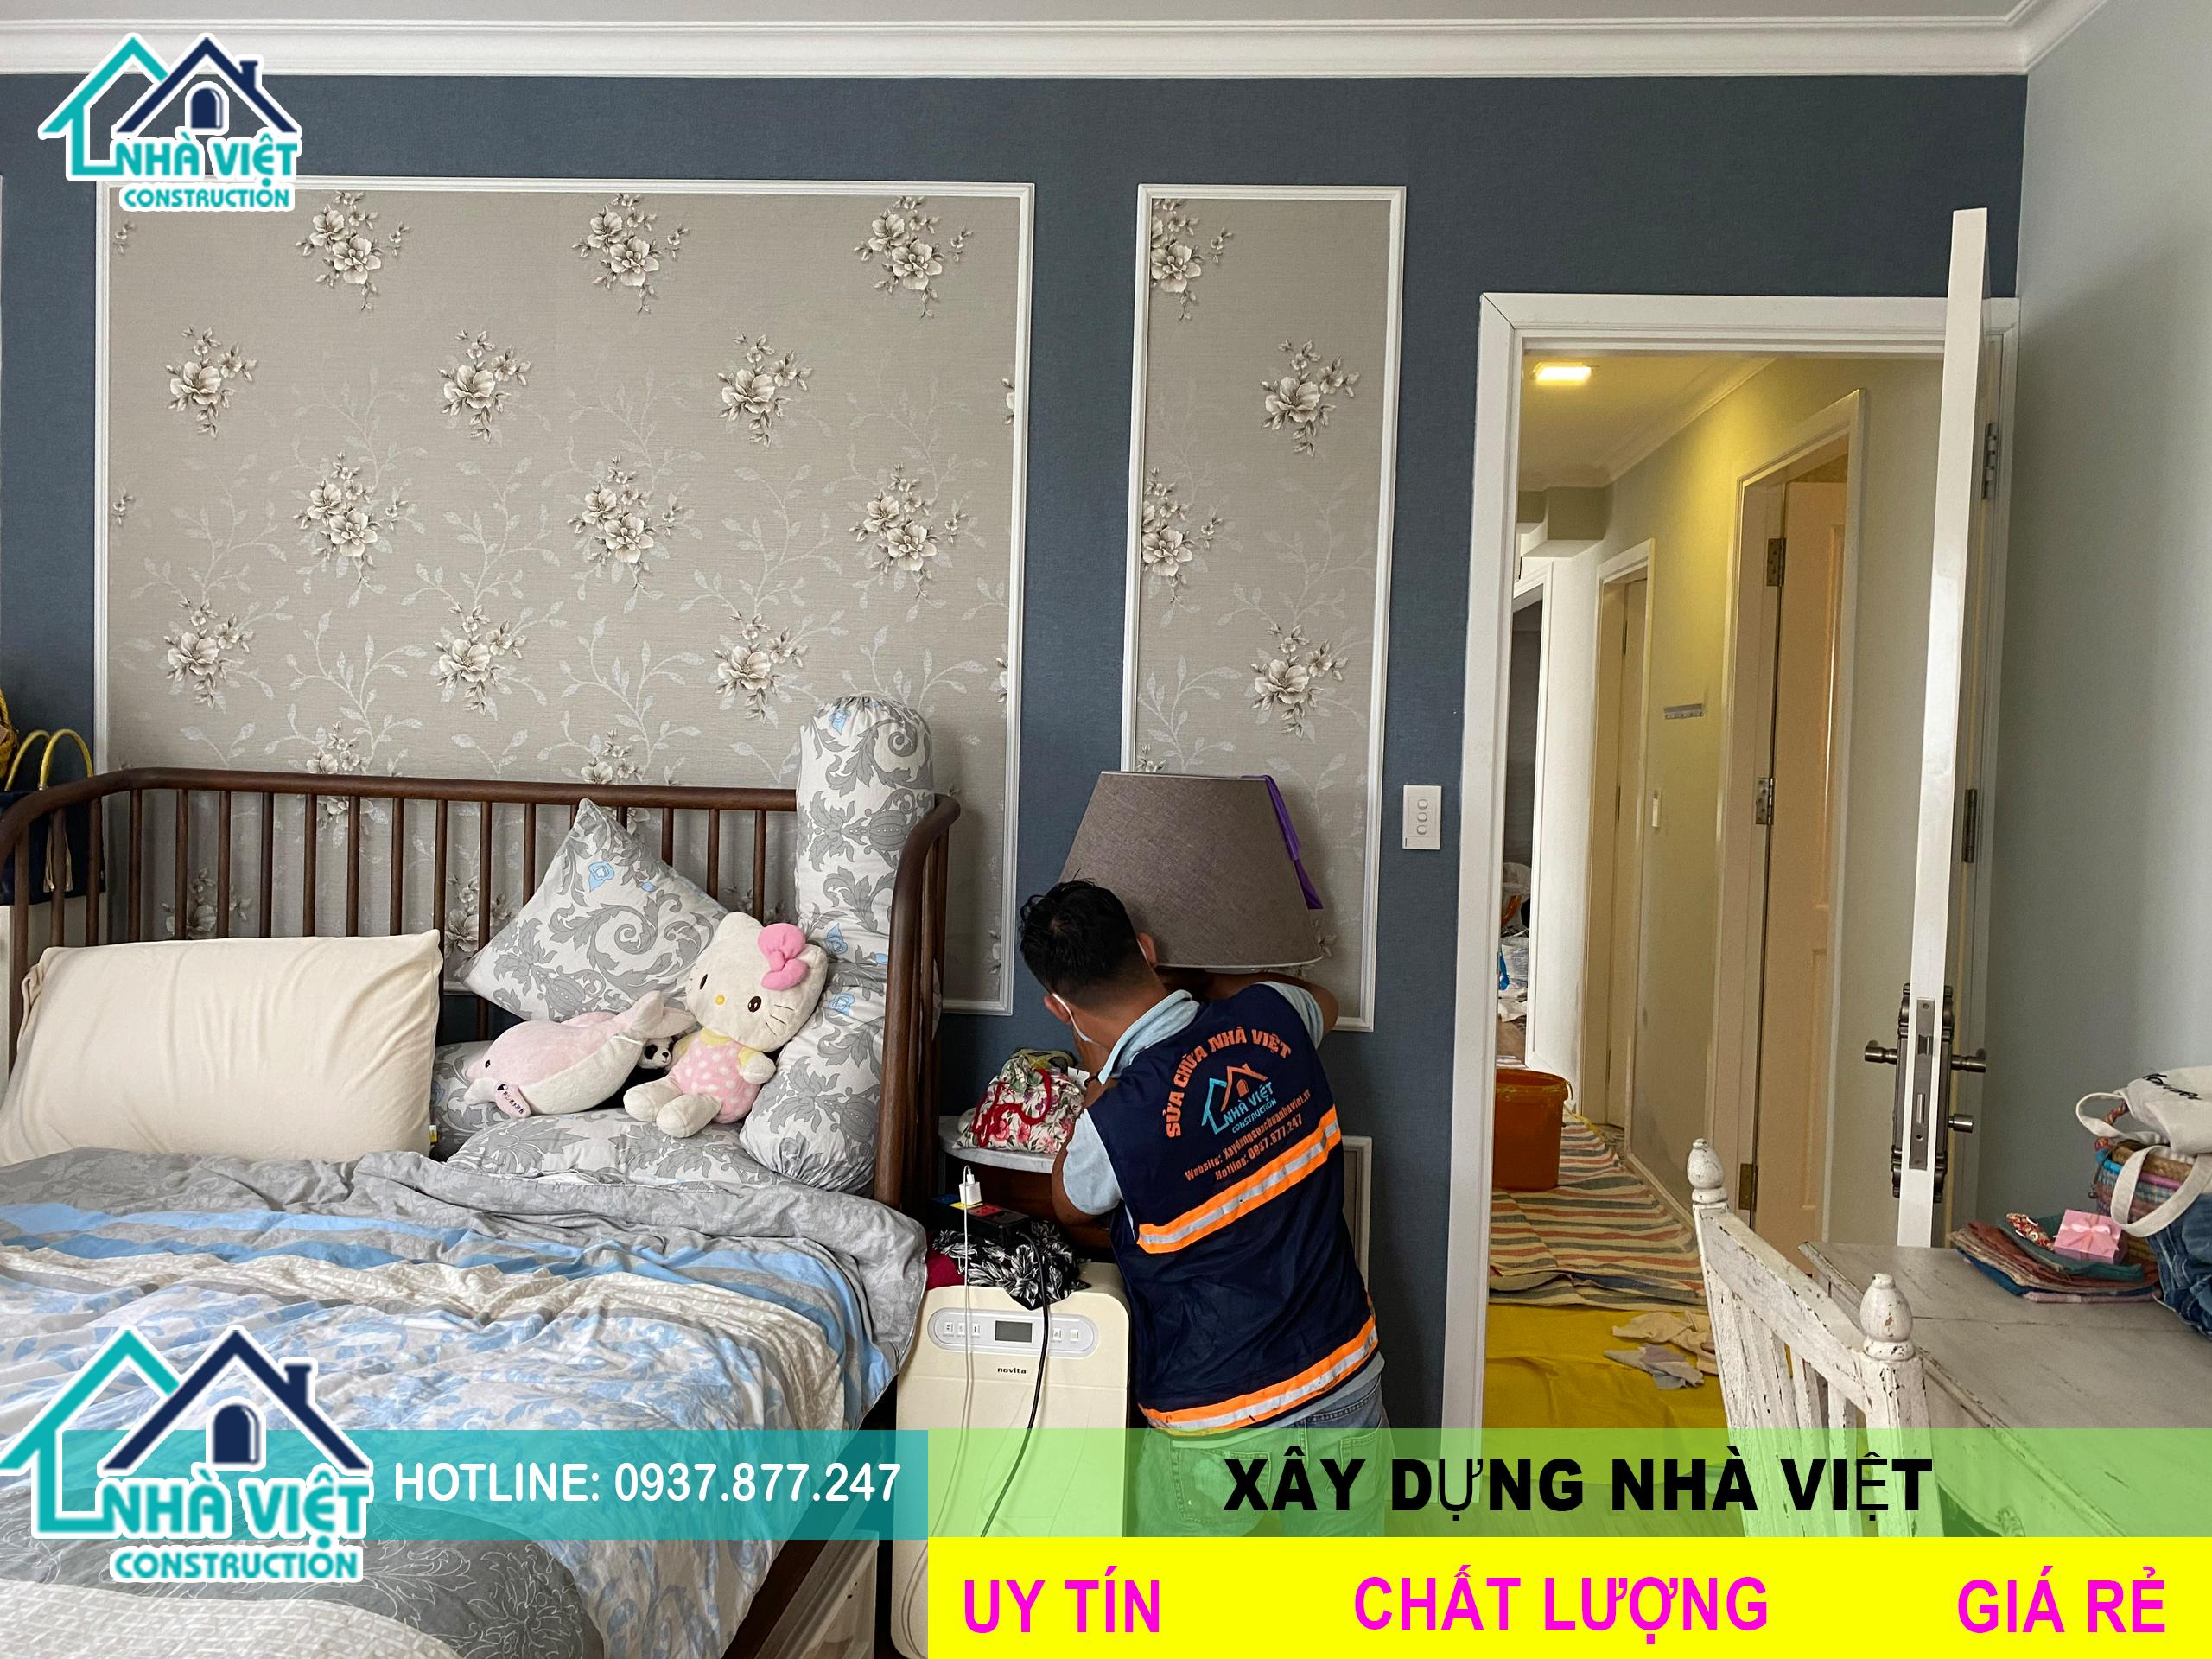 mau 3 - Sửa Chữa Nhà Phố Biệt Thự TP Hồ Chí Minh Uy tín chất lượng nhất